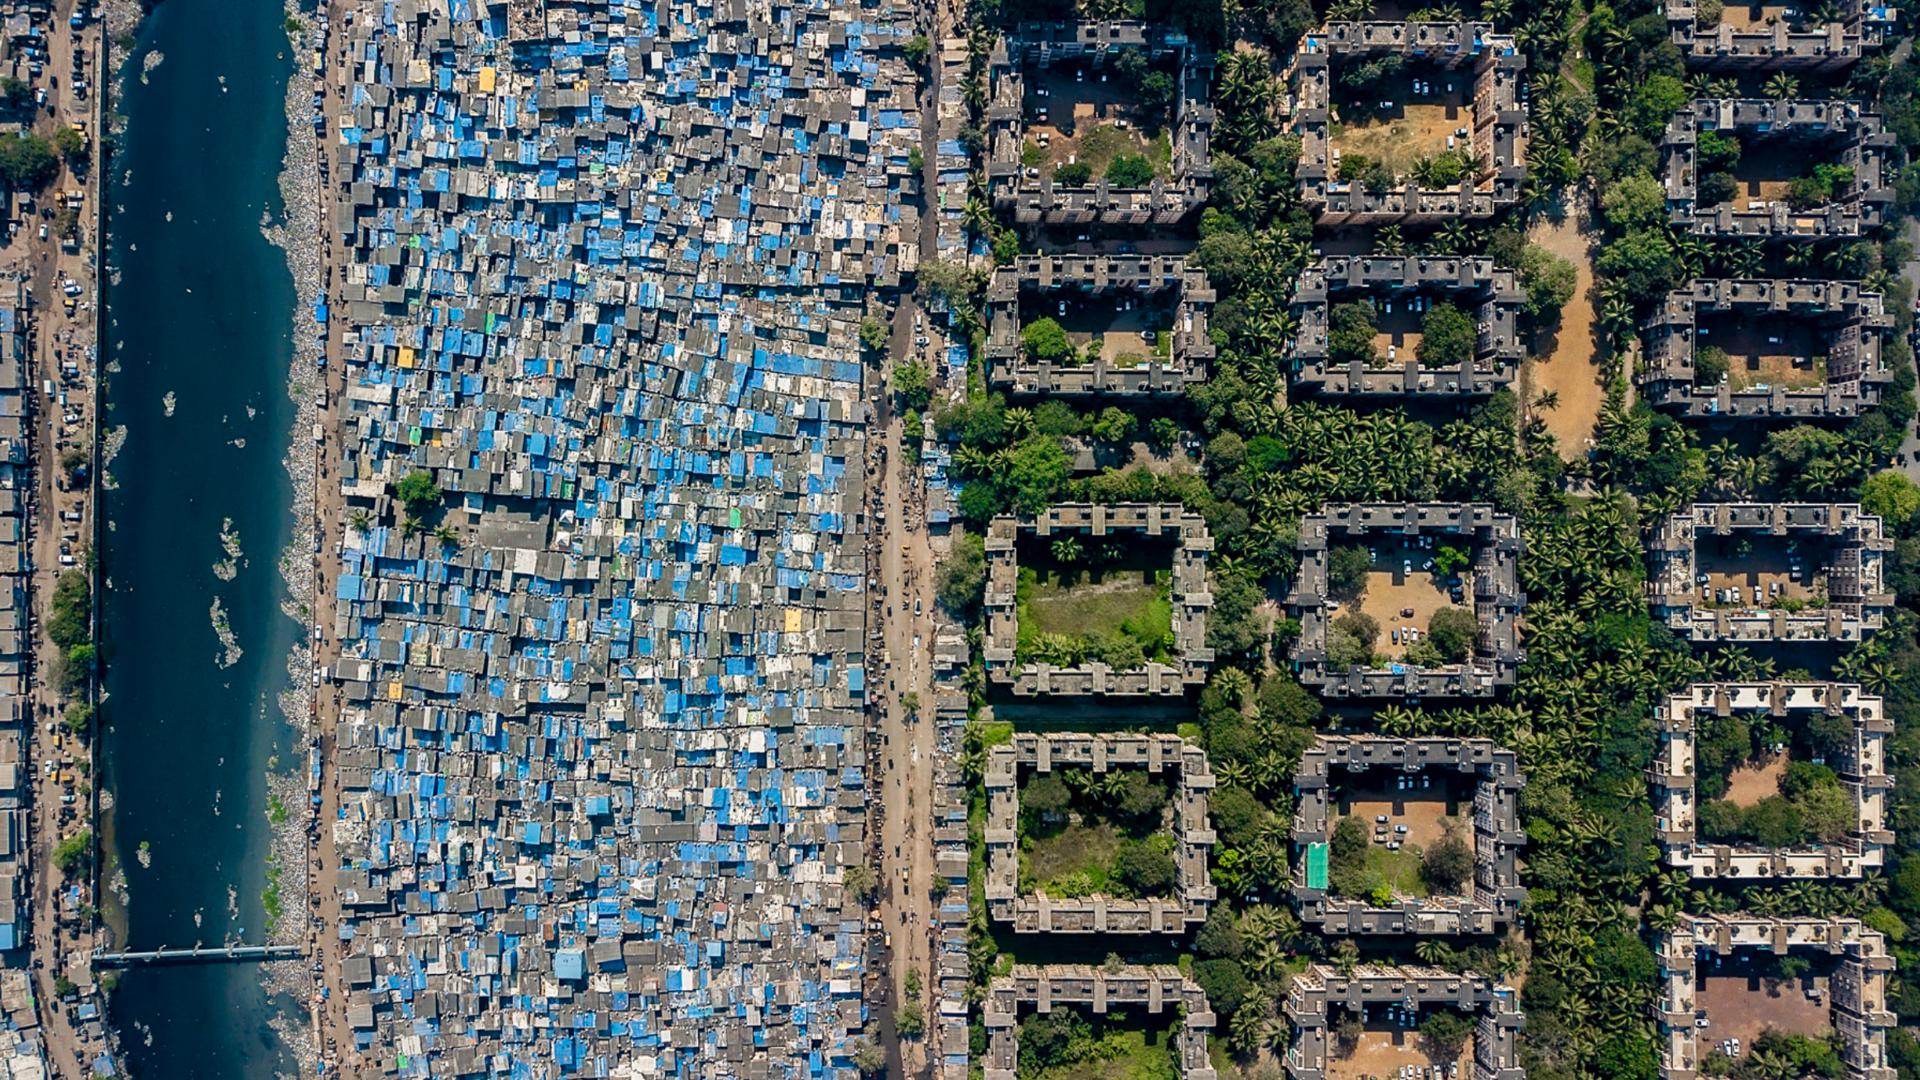 giustizia climatica che cosè vittime climatiche disuguaglianza